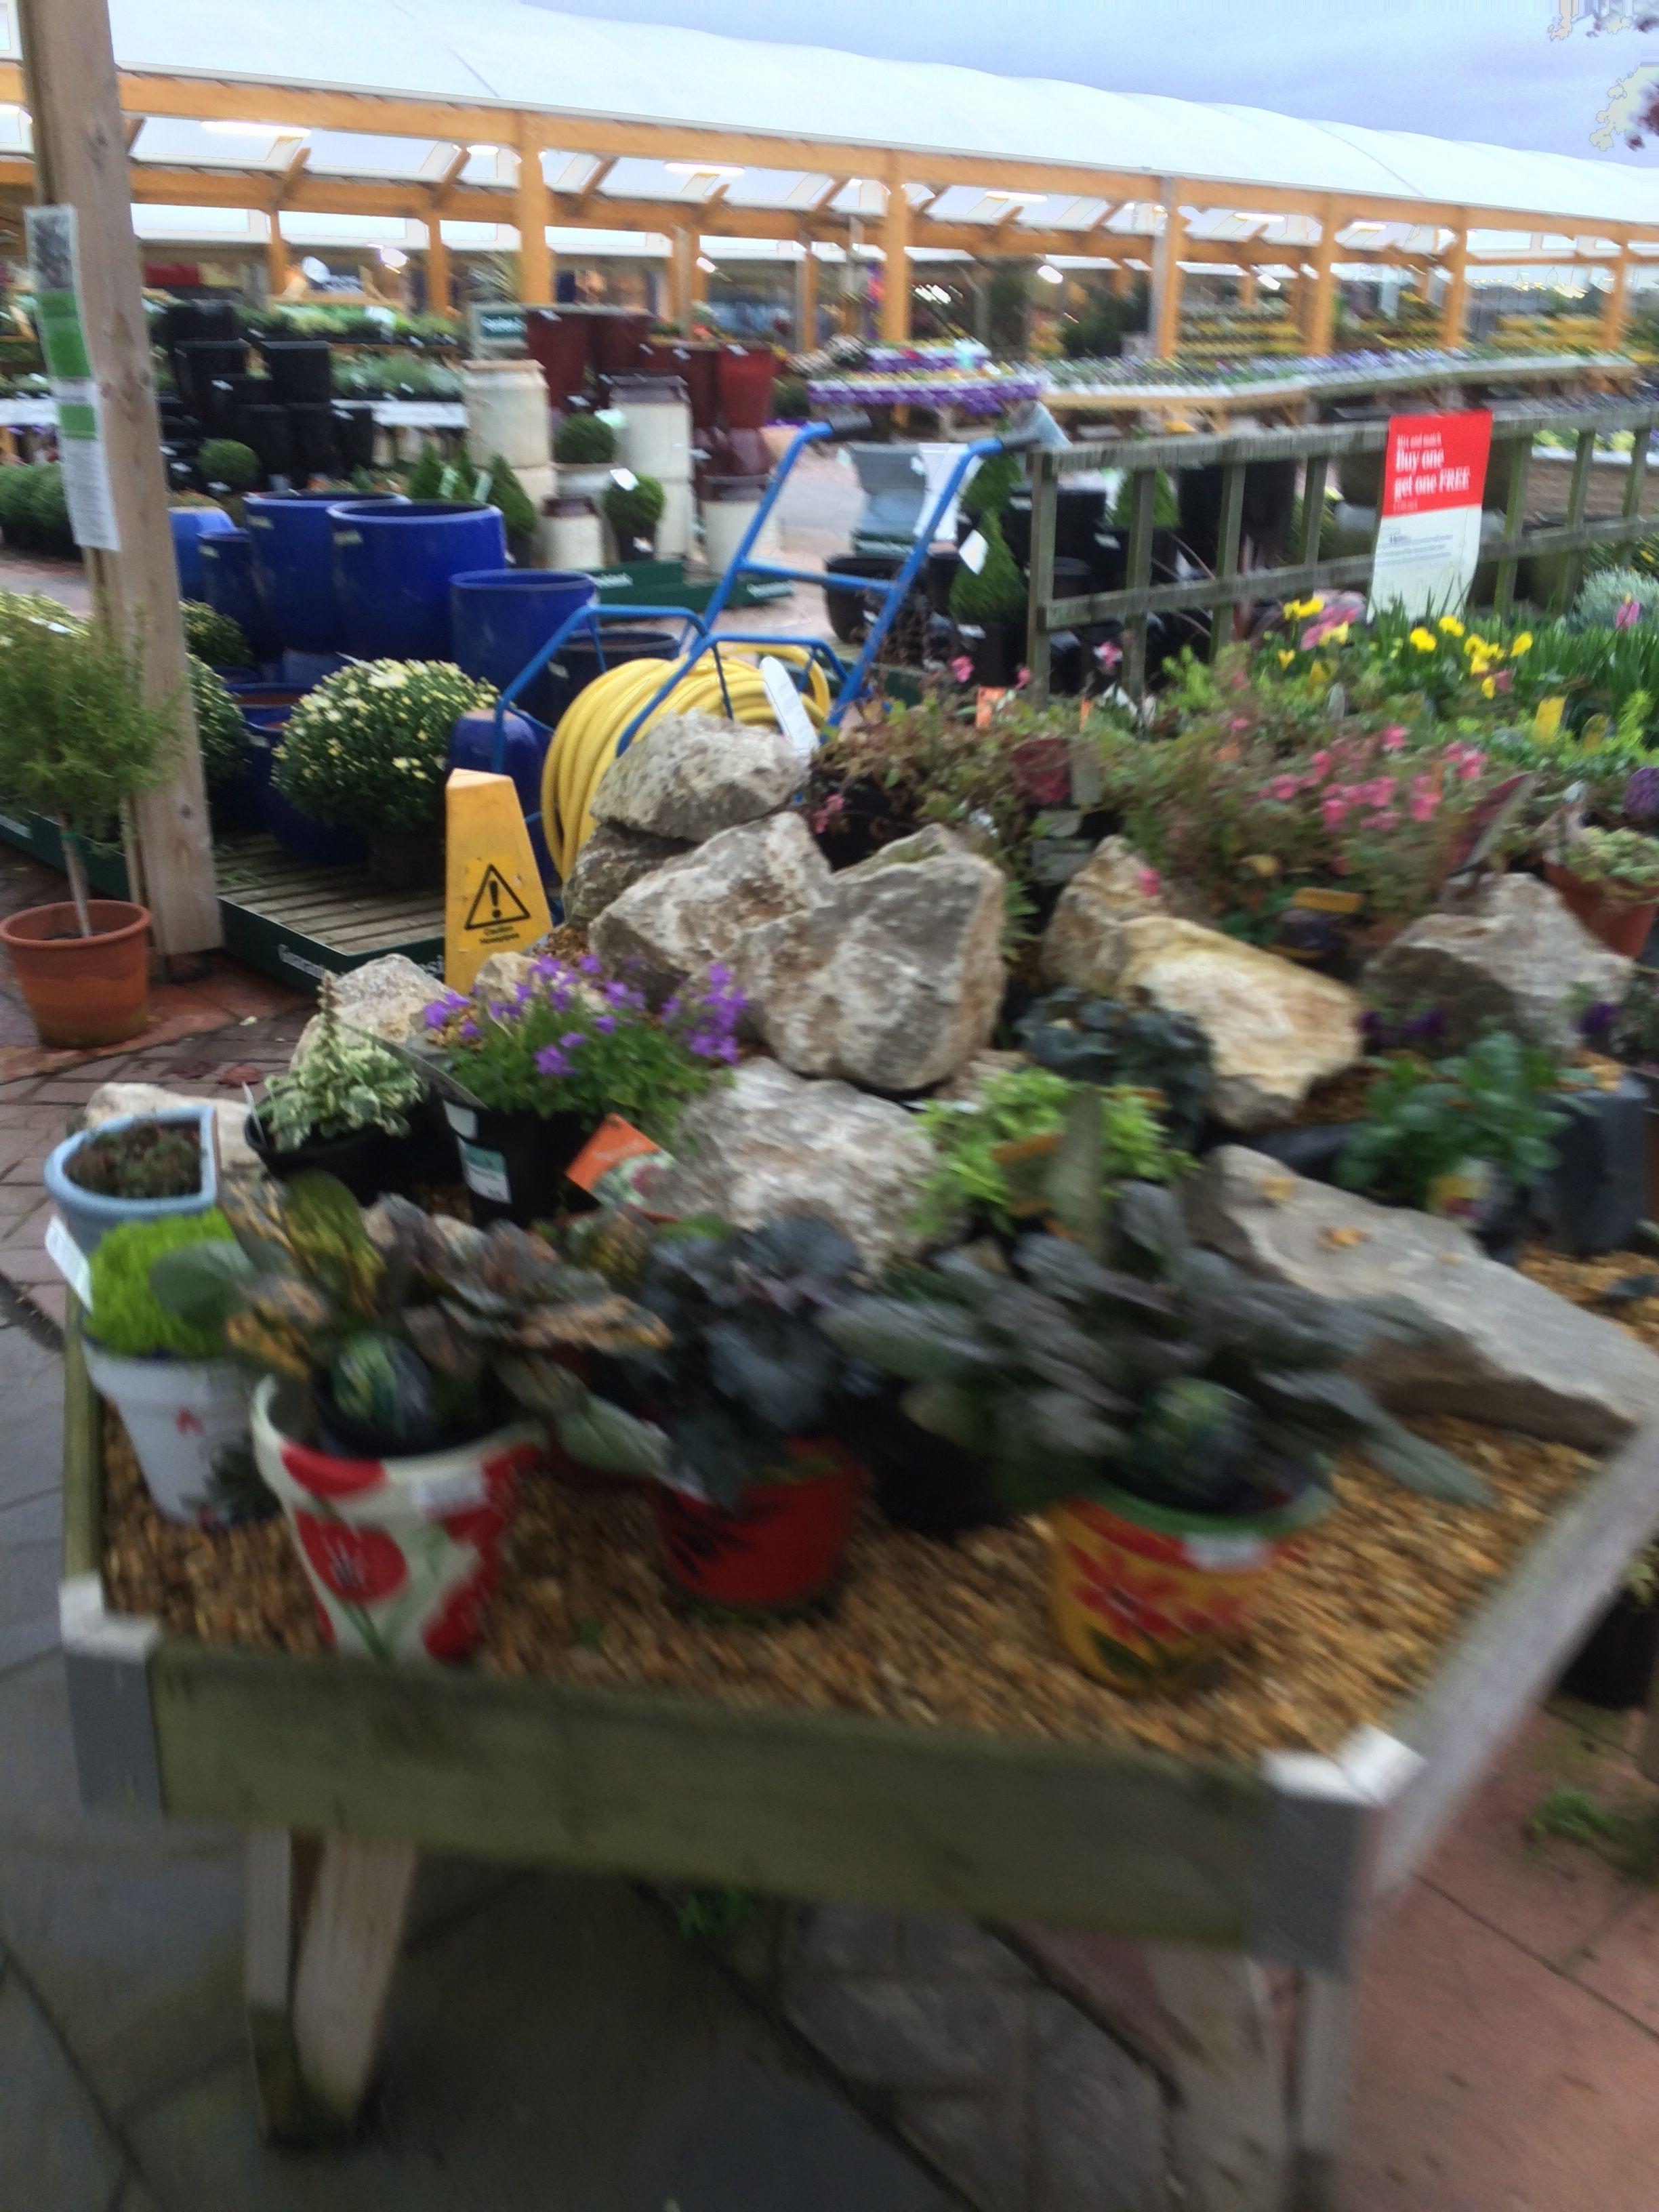 Wyevale Bridgemere Garden Centre Garden Retail Layout